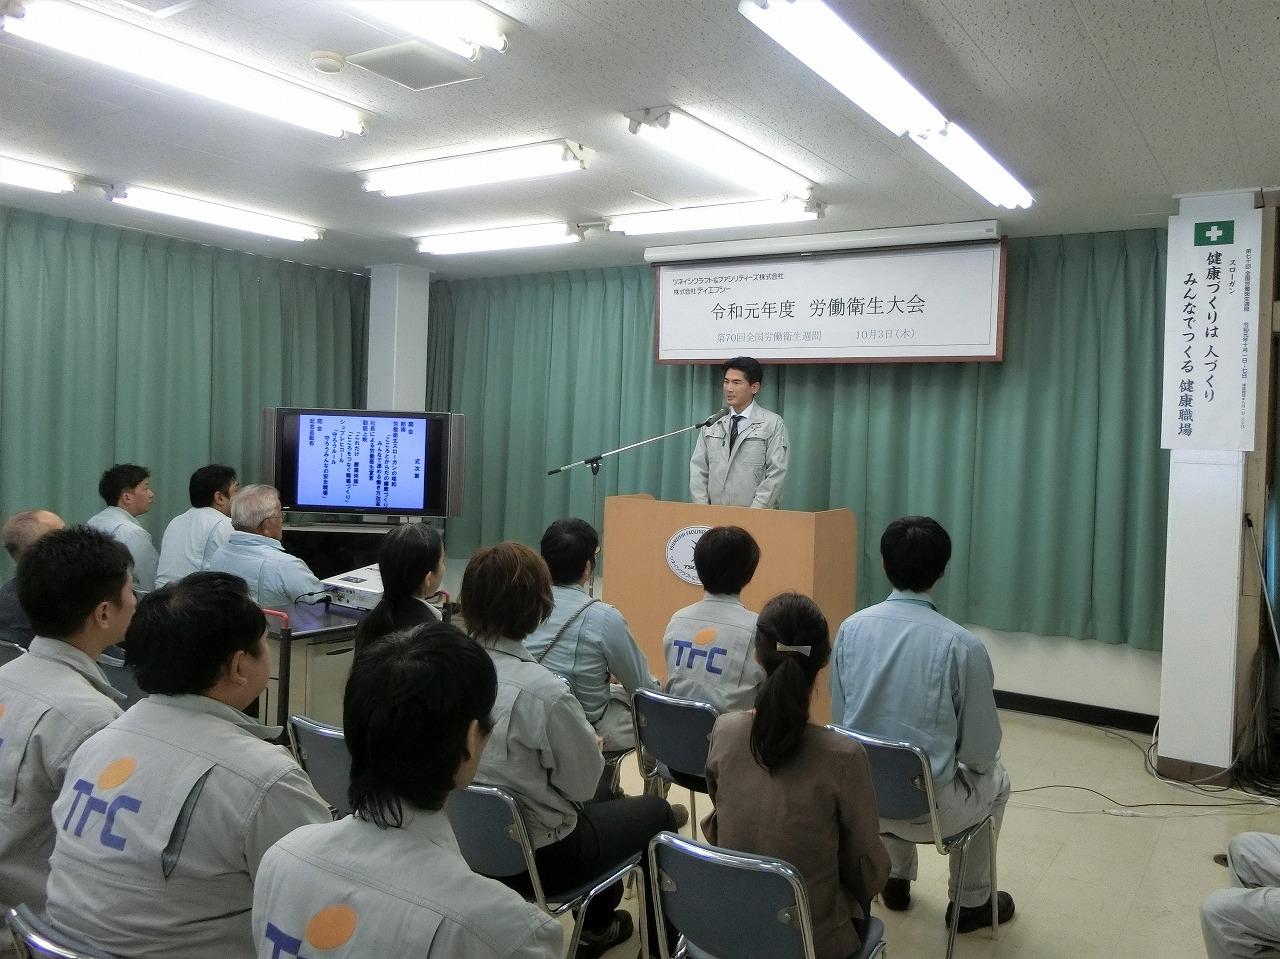 ツネイシクラフト&ファシリティーズ株式会社 労働衛生大会を実施